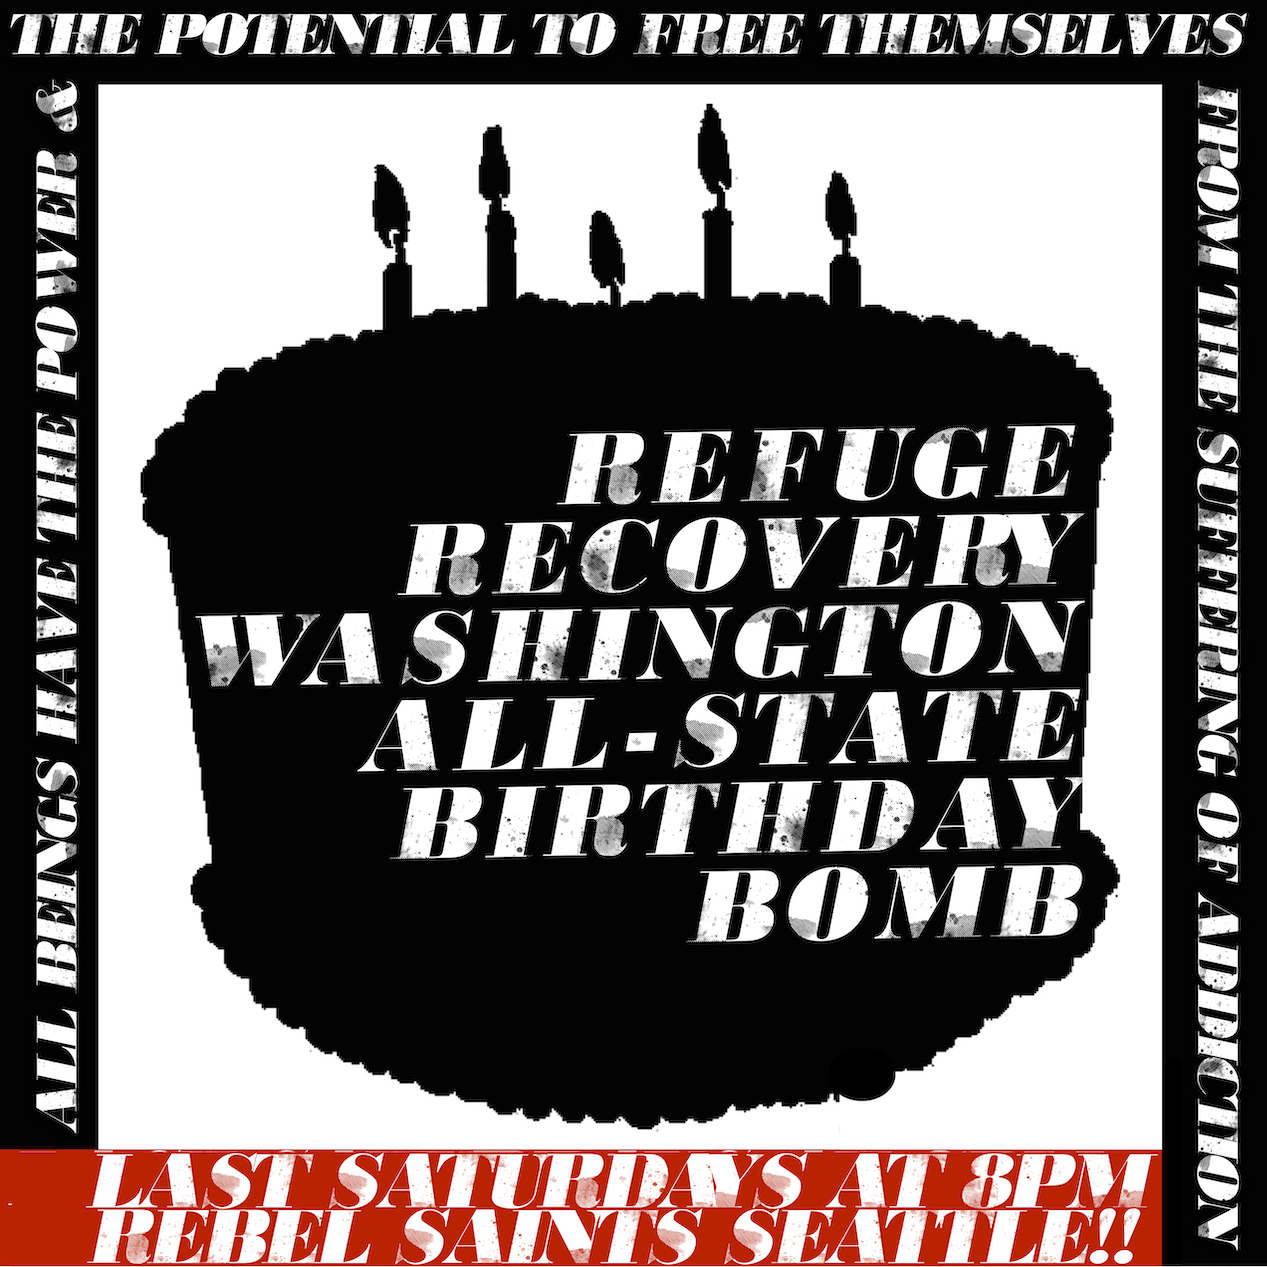 BirthdaybombBlackcakeWEB3.jpg